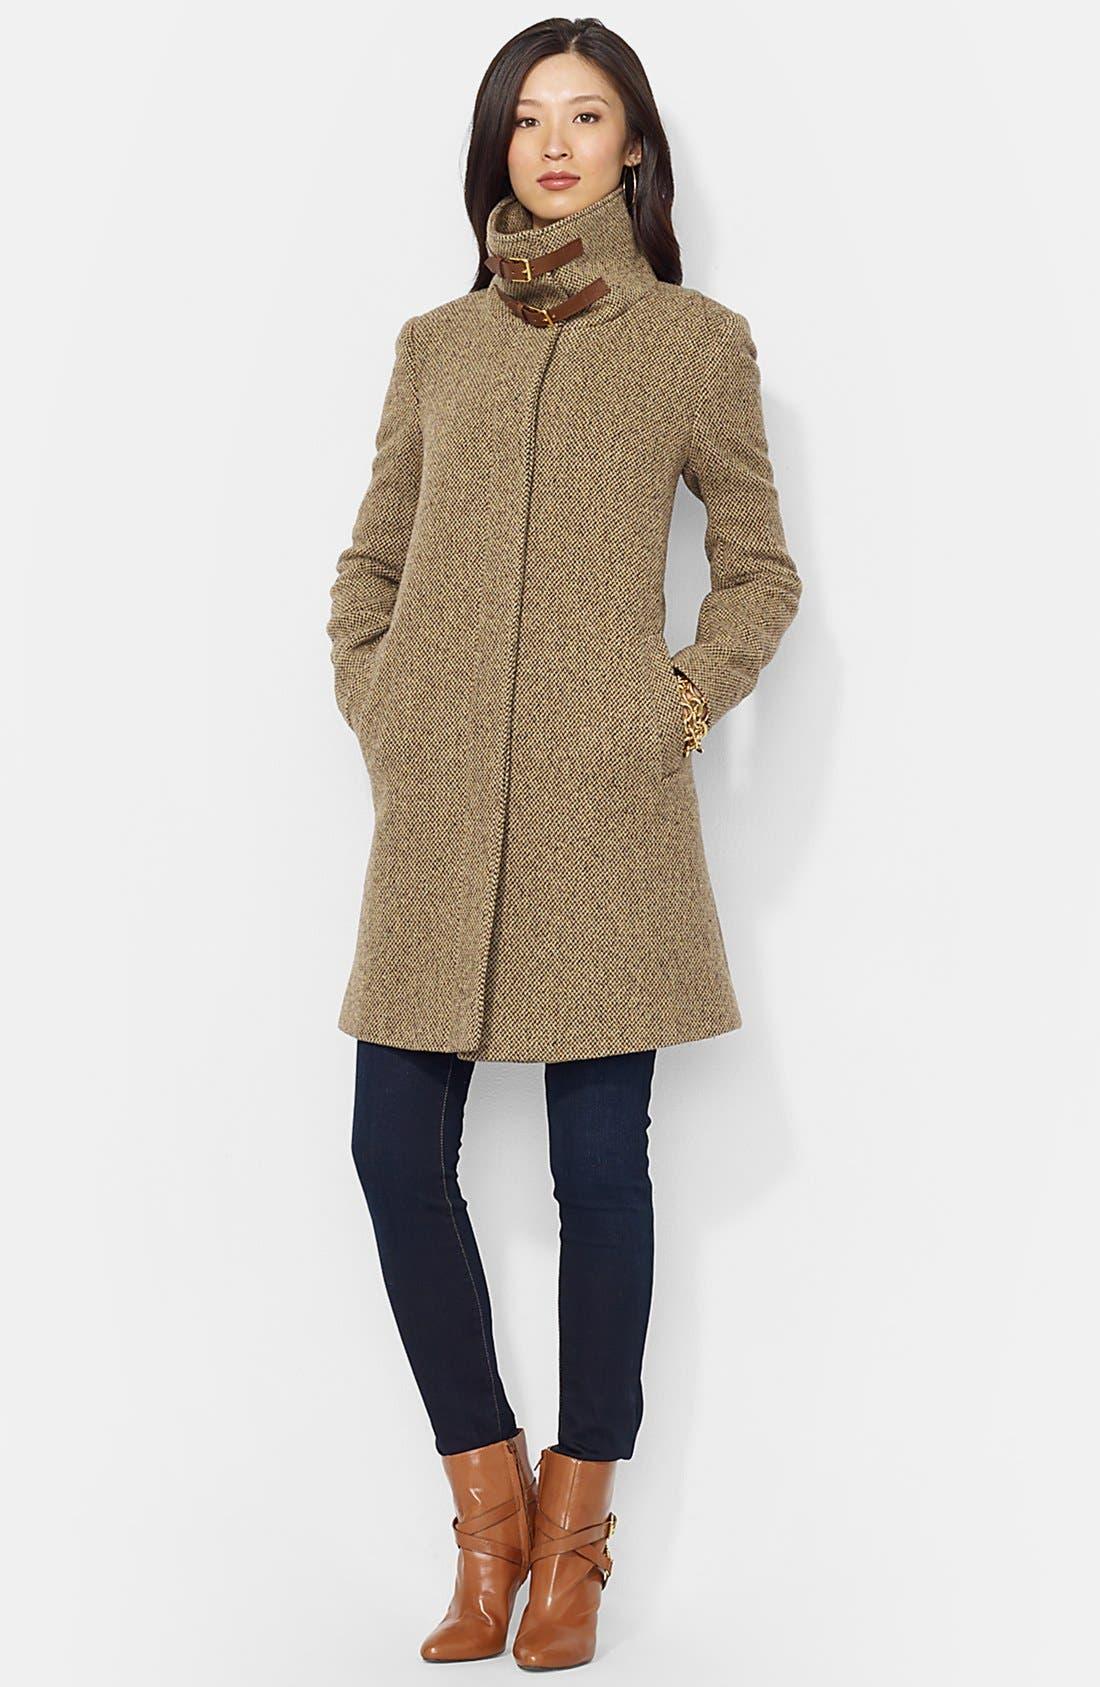 Alternate Image 1 Selected - Lauren Ralph Lauren Buckle Tab Collar Wool Blend Coat (Online Only)